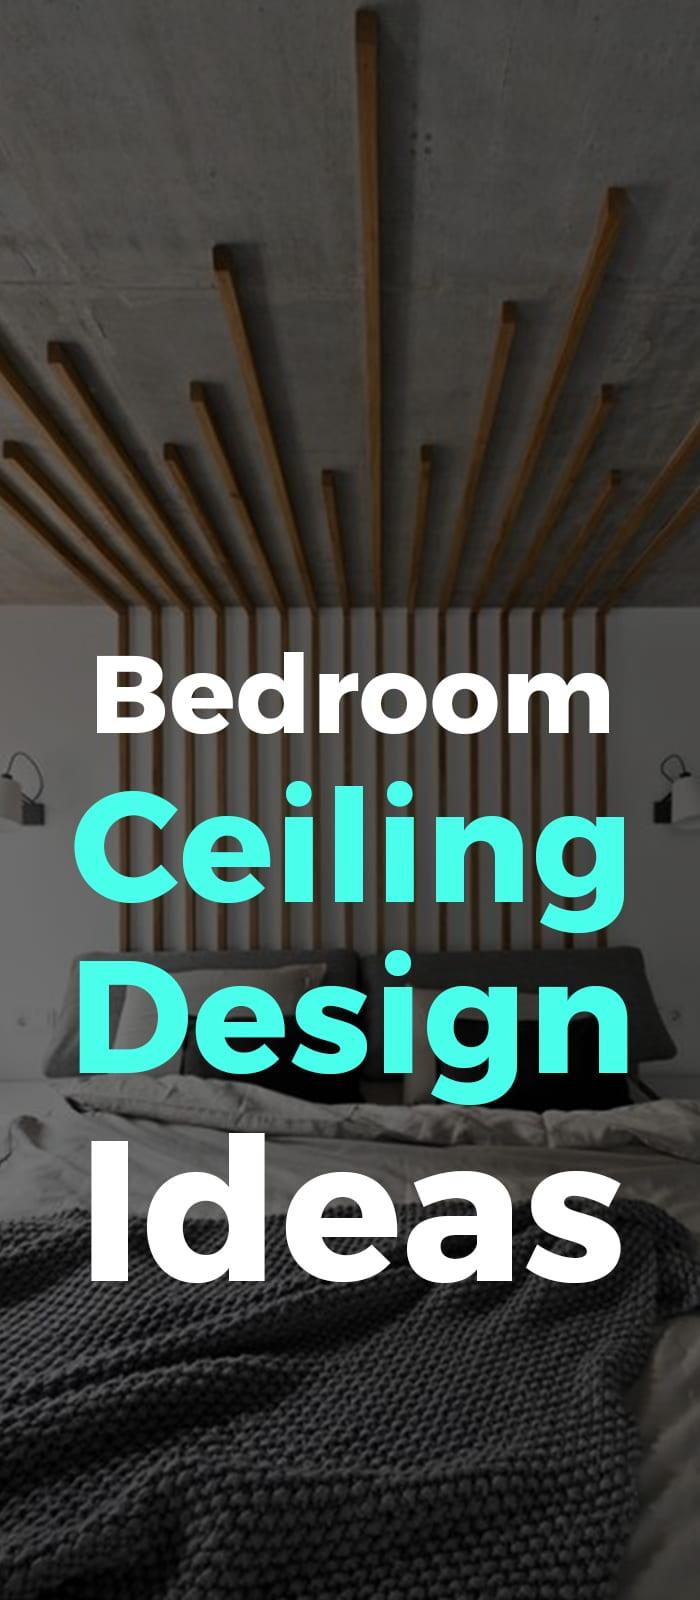 Unique ceiling design for bedroom idea.